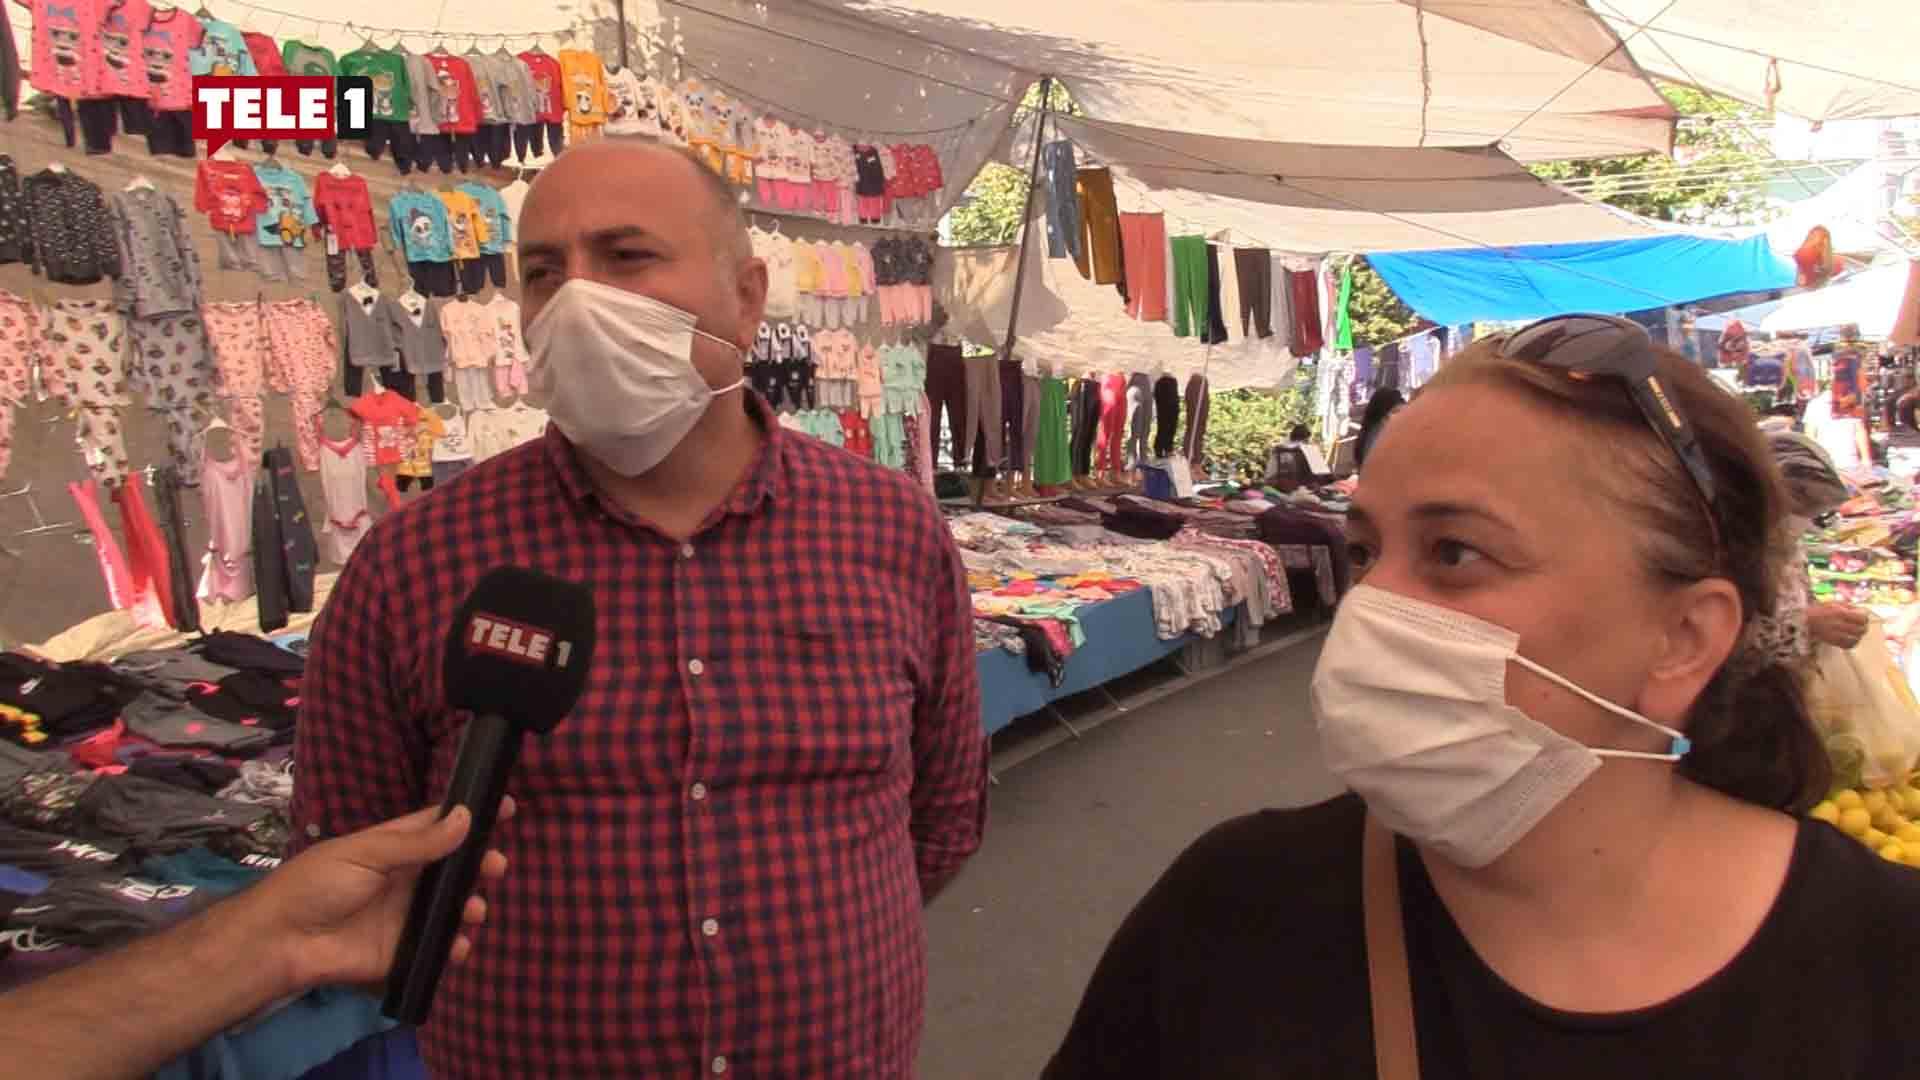 İstanbul'da yaşamak için artık iki maaş bile yetmiyor…